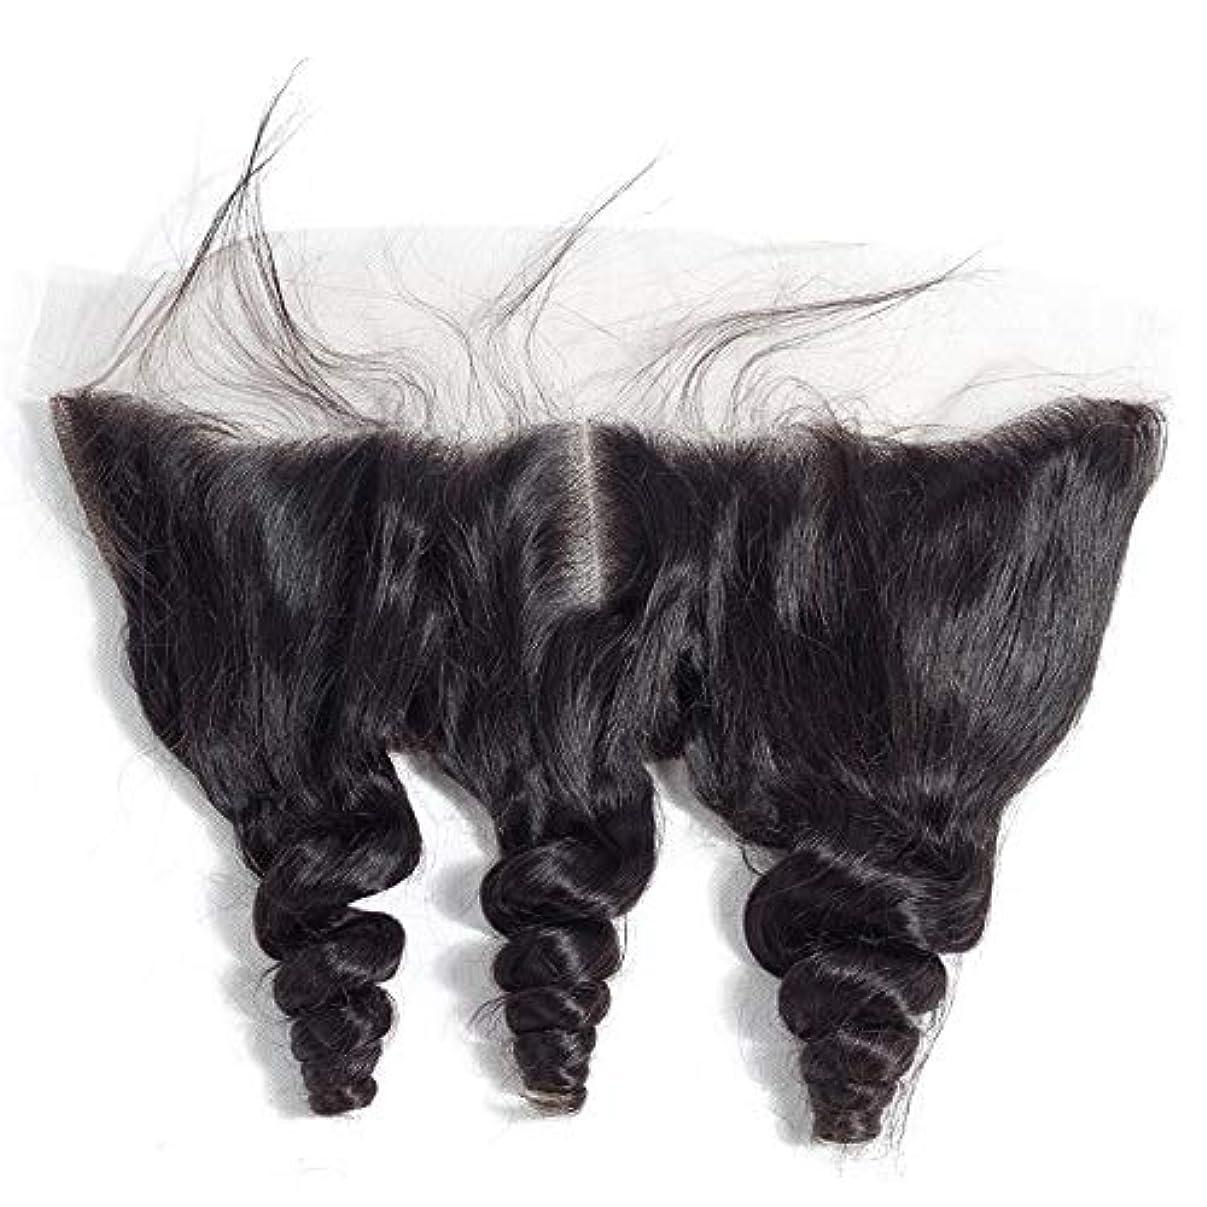 免除死すべきめまいがHOHYLLYA ブラジルルースウェーブヘアー13 * 4レース前頭閉鎖中央部人毛エクステンションファッションかつら (色 : 黒, サイズ : 12 inch)